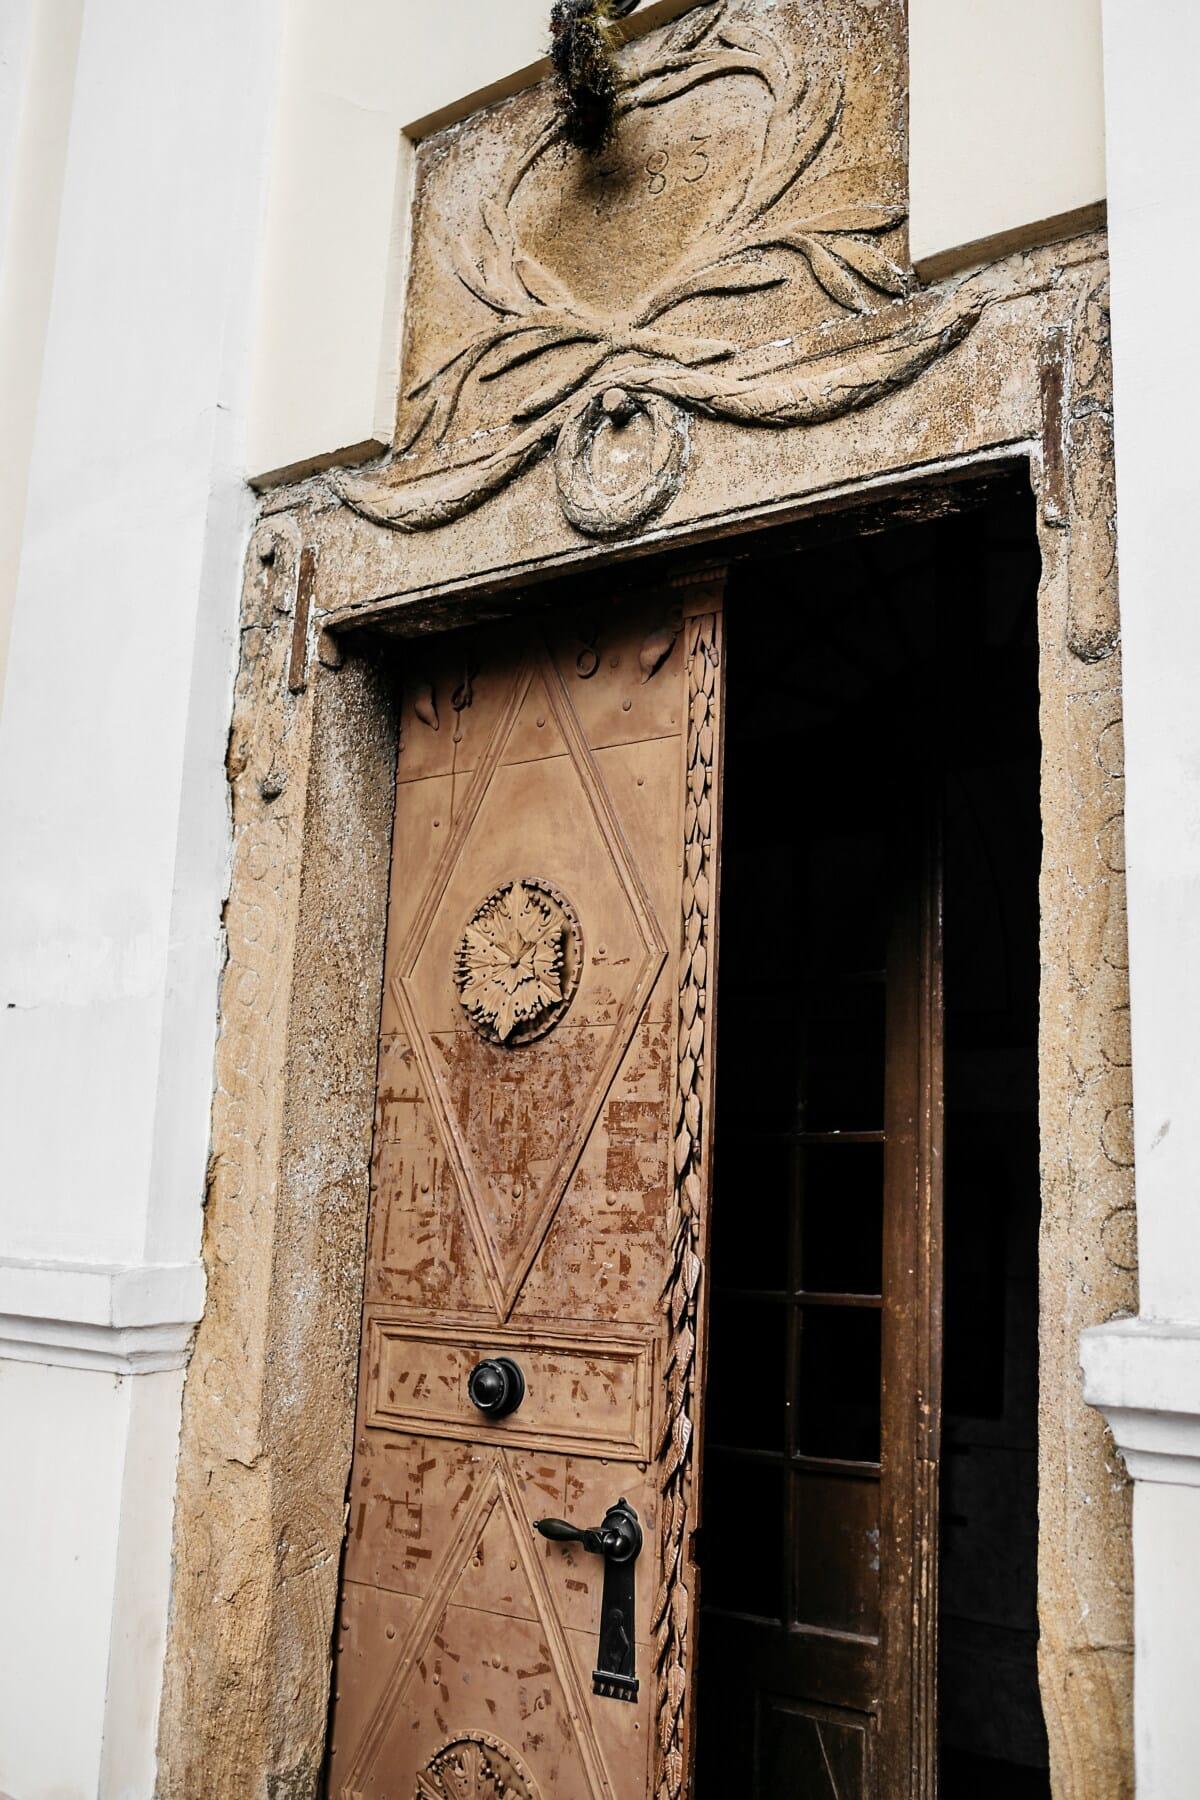 monastère, médiévale, porte d'entrée, Pierre, architecture, Porte, vieux, antique, art, bâtiment